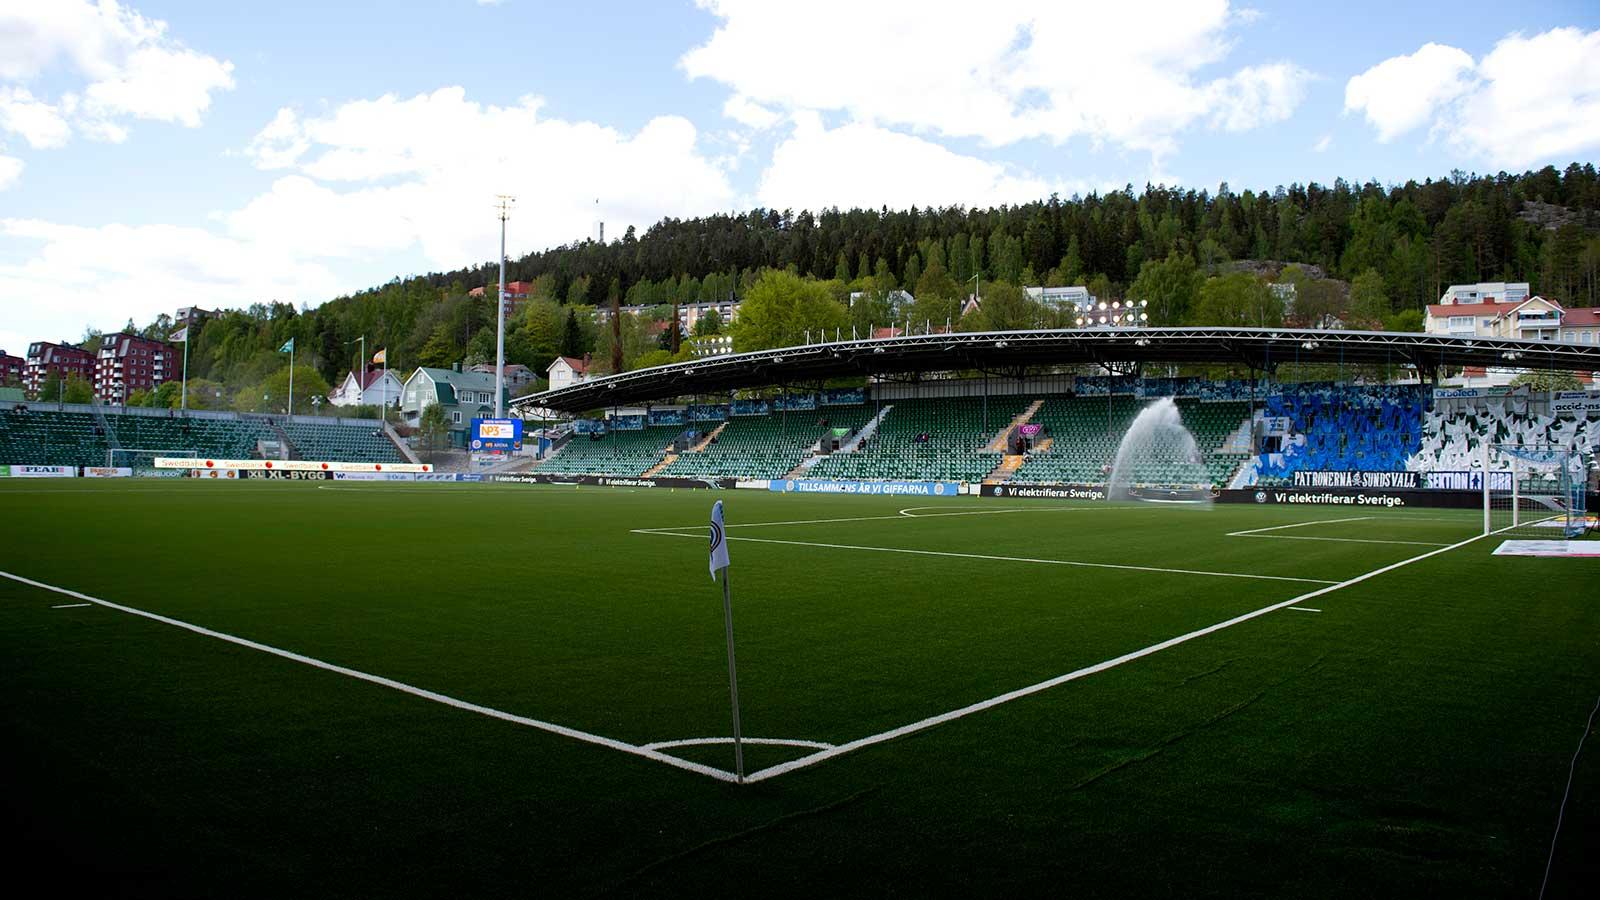 180519 NP3 Arena innan fotbollsmatchen i Allsvenskan mellan GIF Sundsvall och Östersund den 19 maj 2018 i Sundsvall.